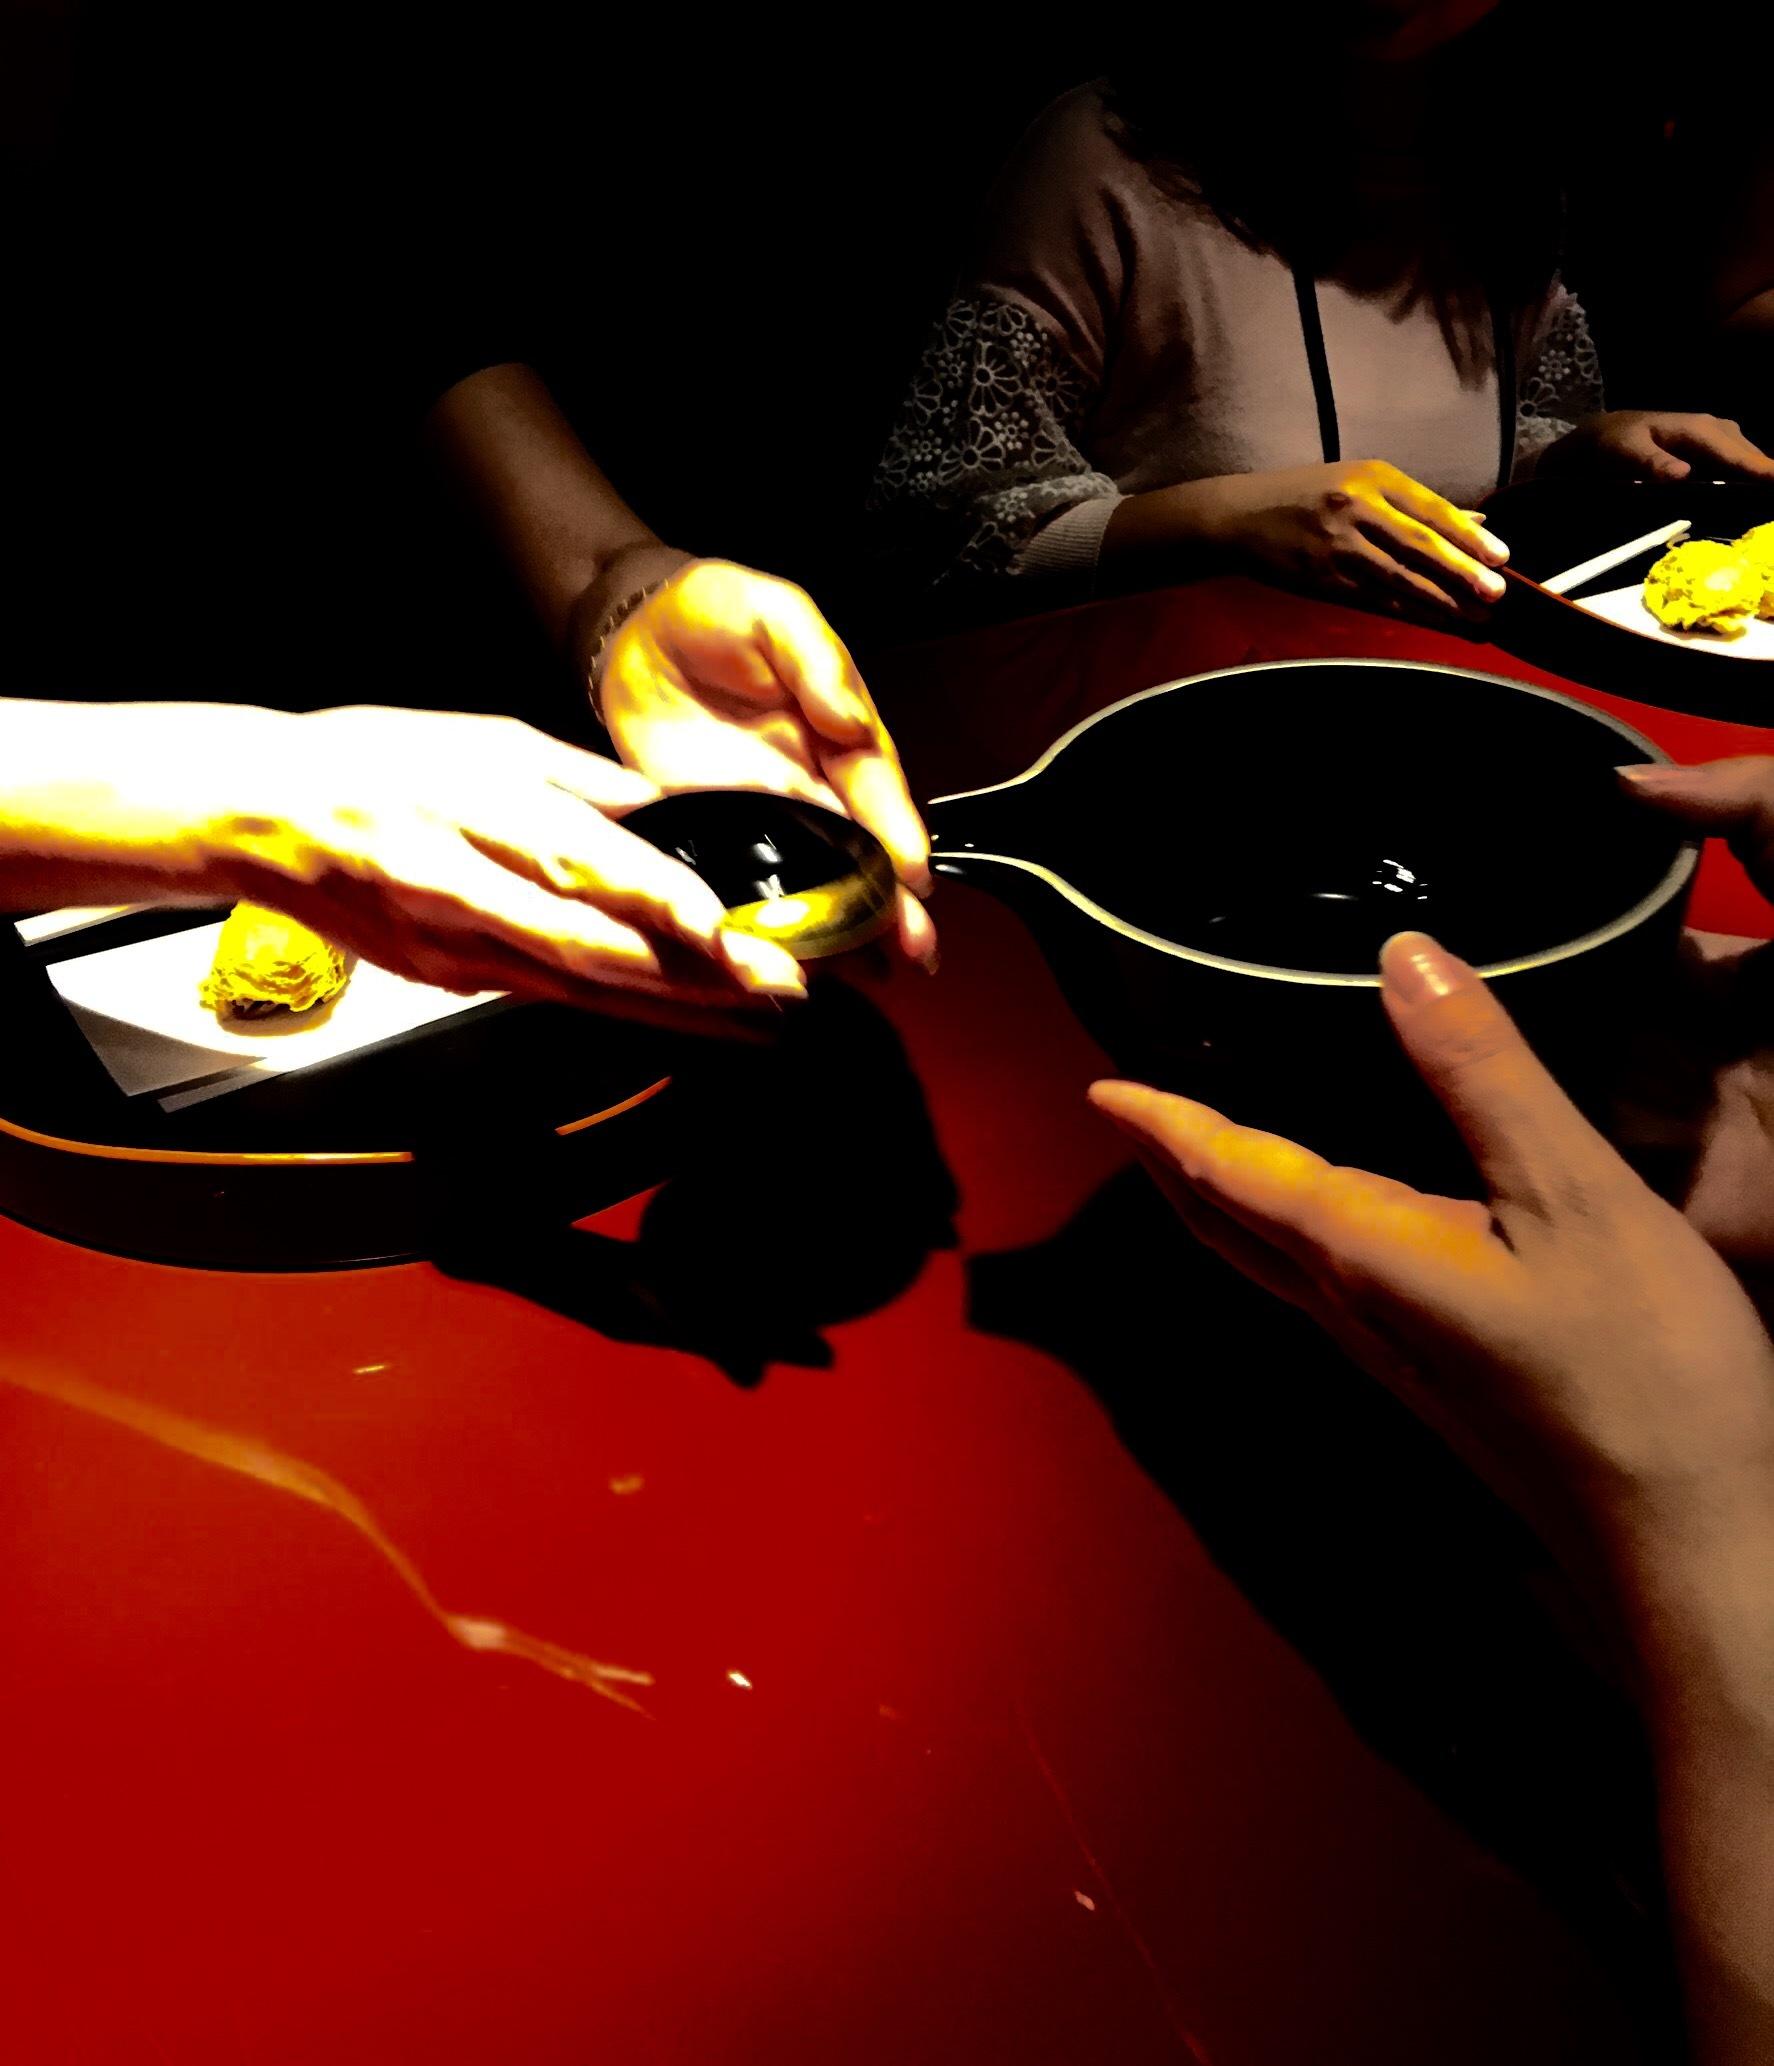 赤と黒と光の茶会_d0334837_10011549.jpeg